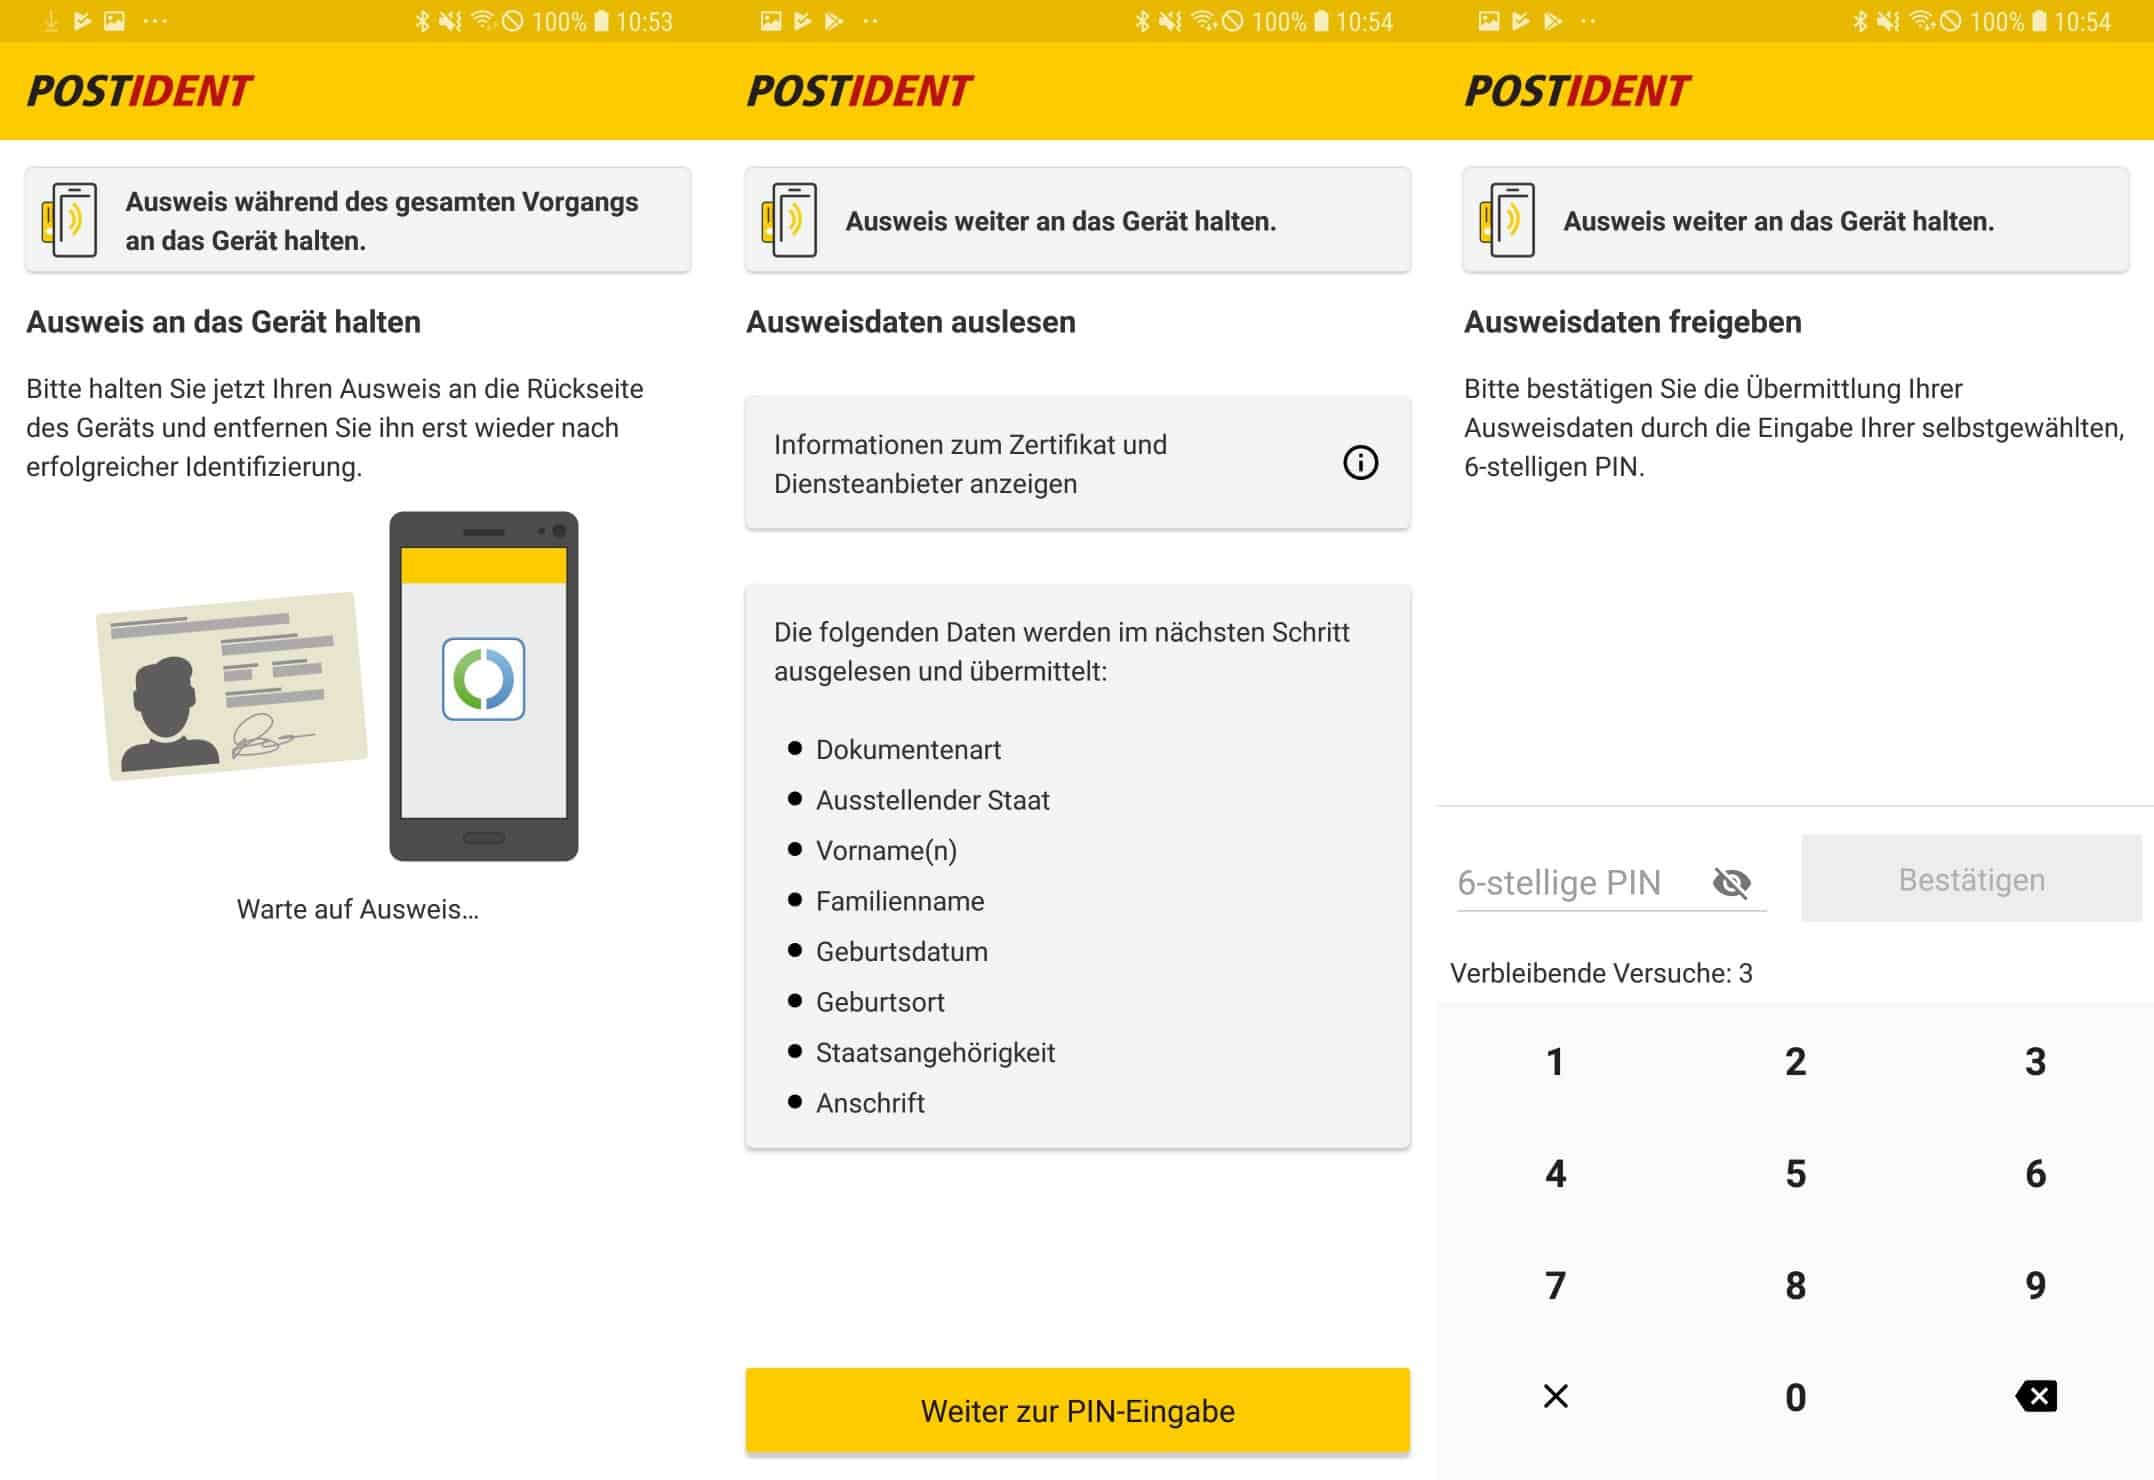 PostIdent mit Online-Ausweisfunktion